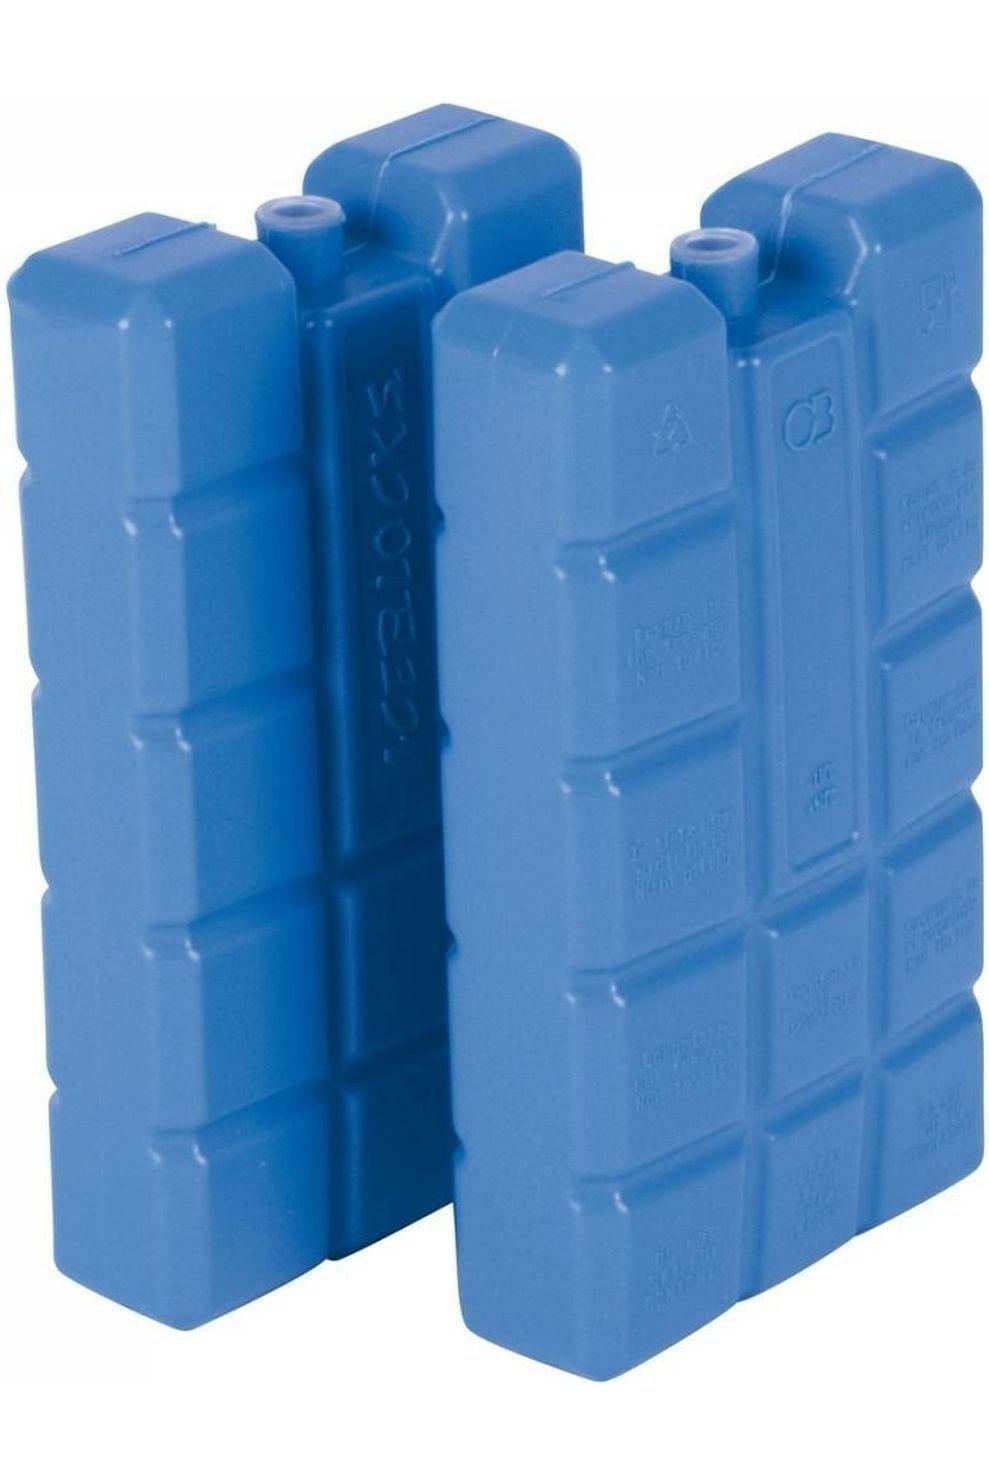 Van Assendelft Diverse Koelelementen - 2 Stuks - 13X9X16 Cm - Blauw - Blauw